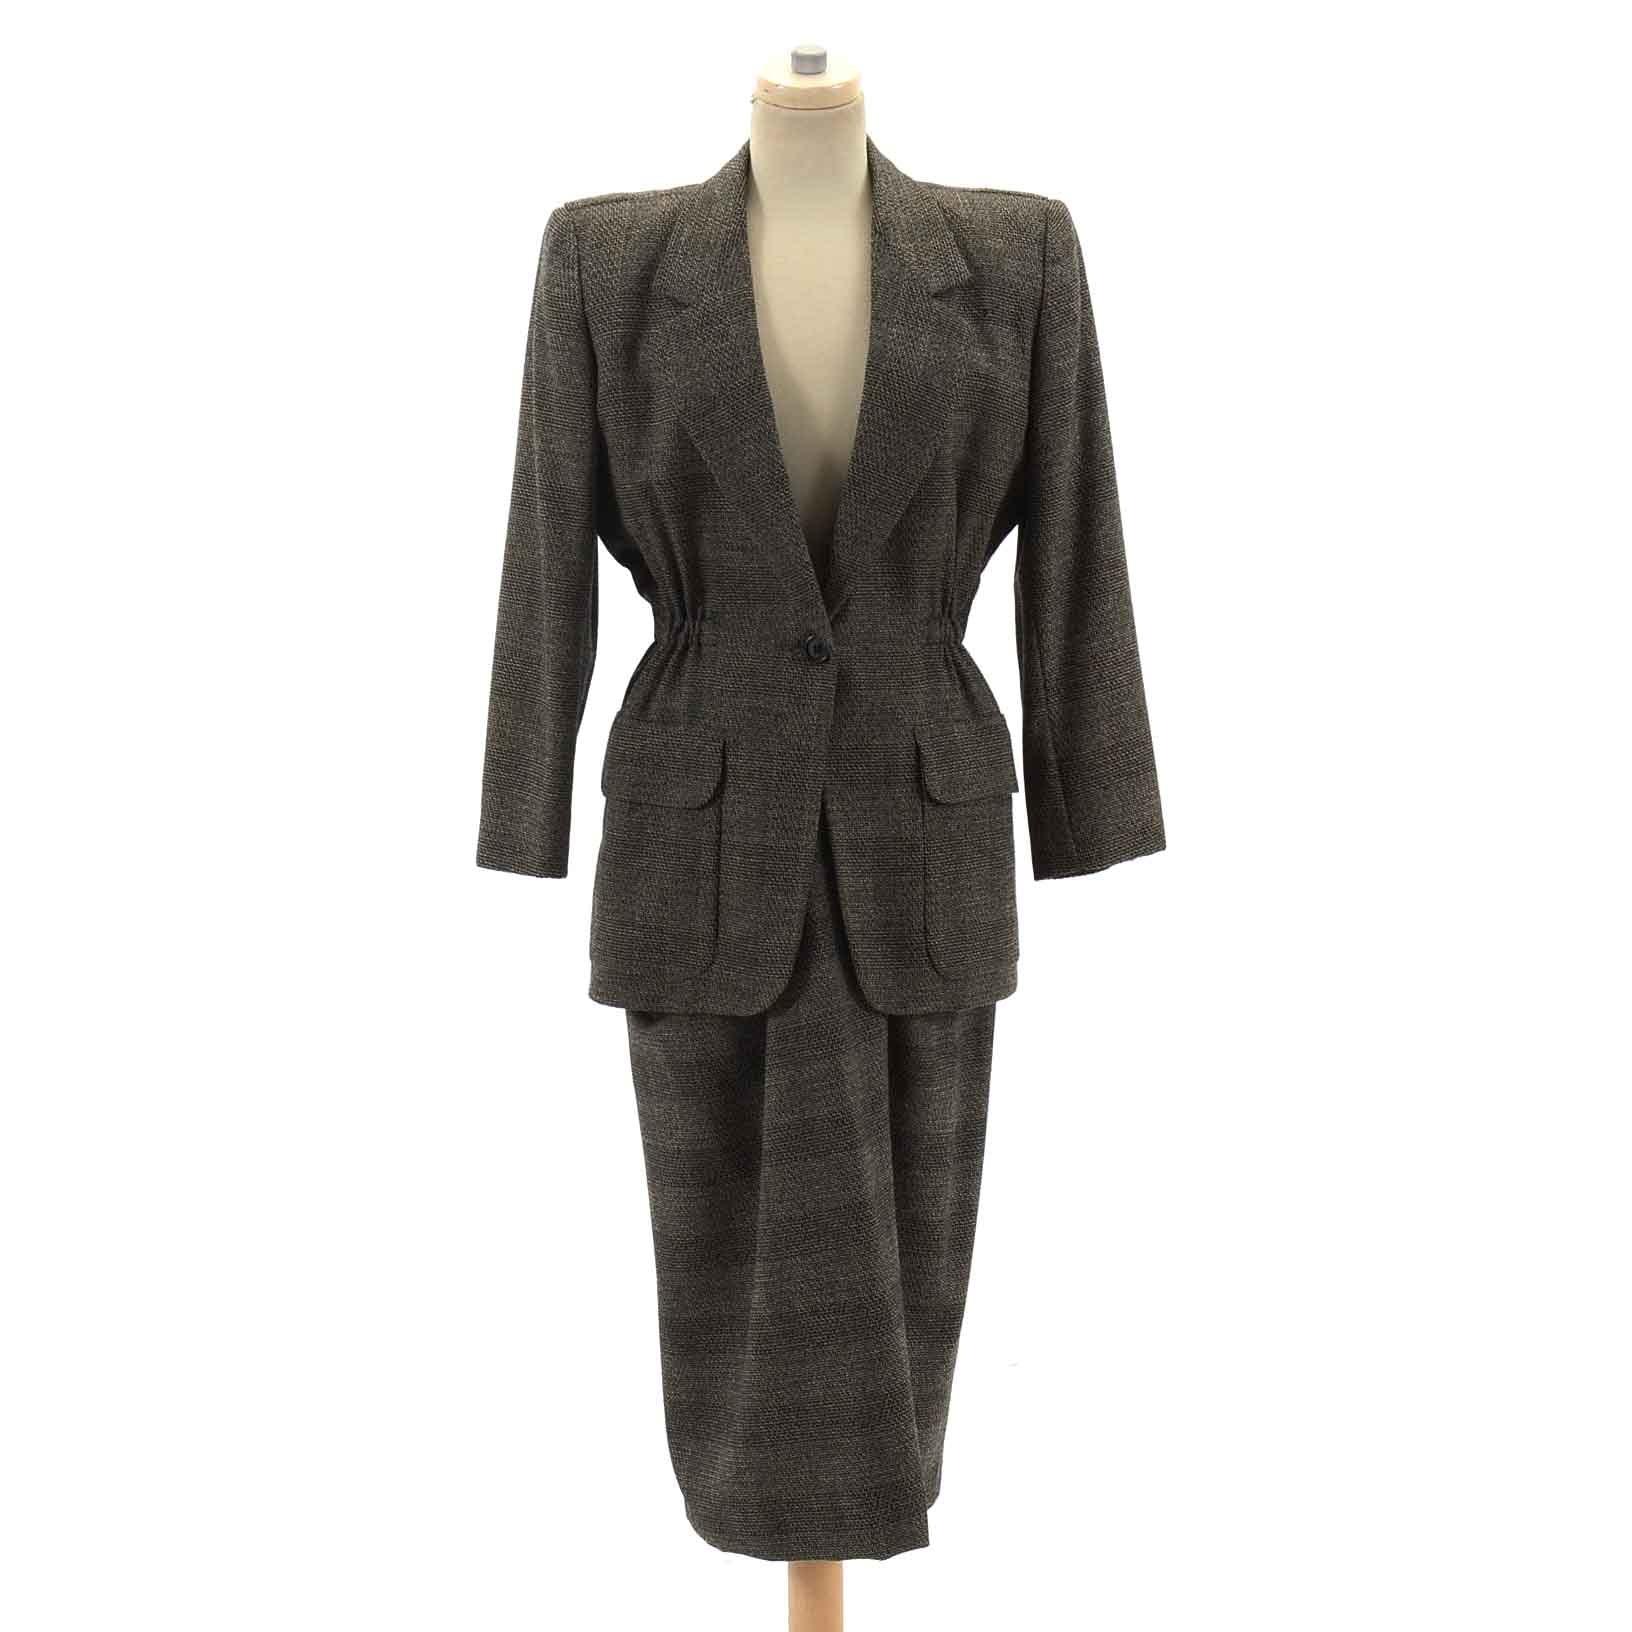 Vintage Donna Karan Women's Suit